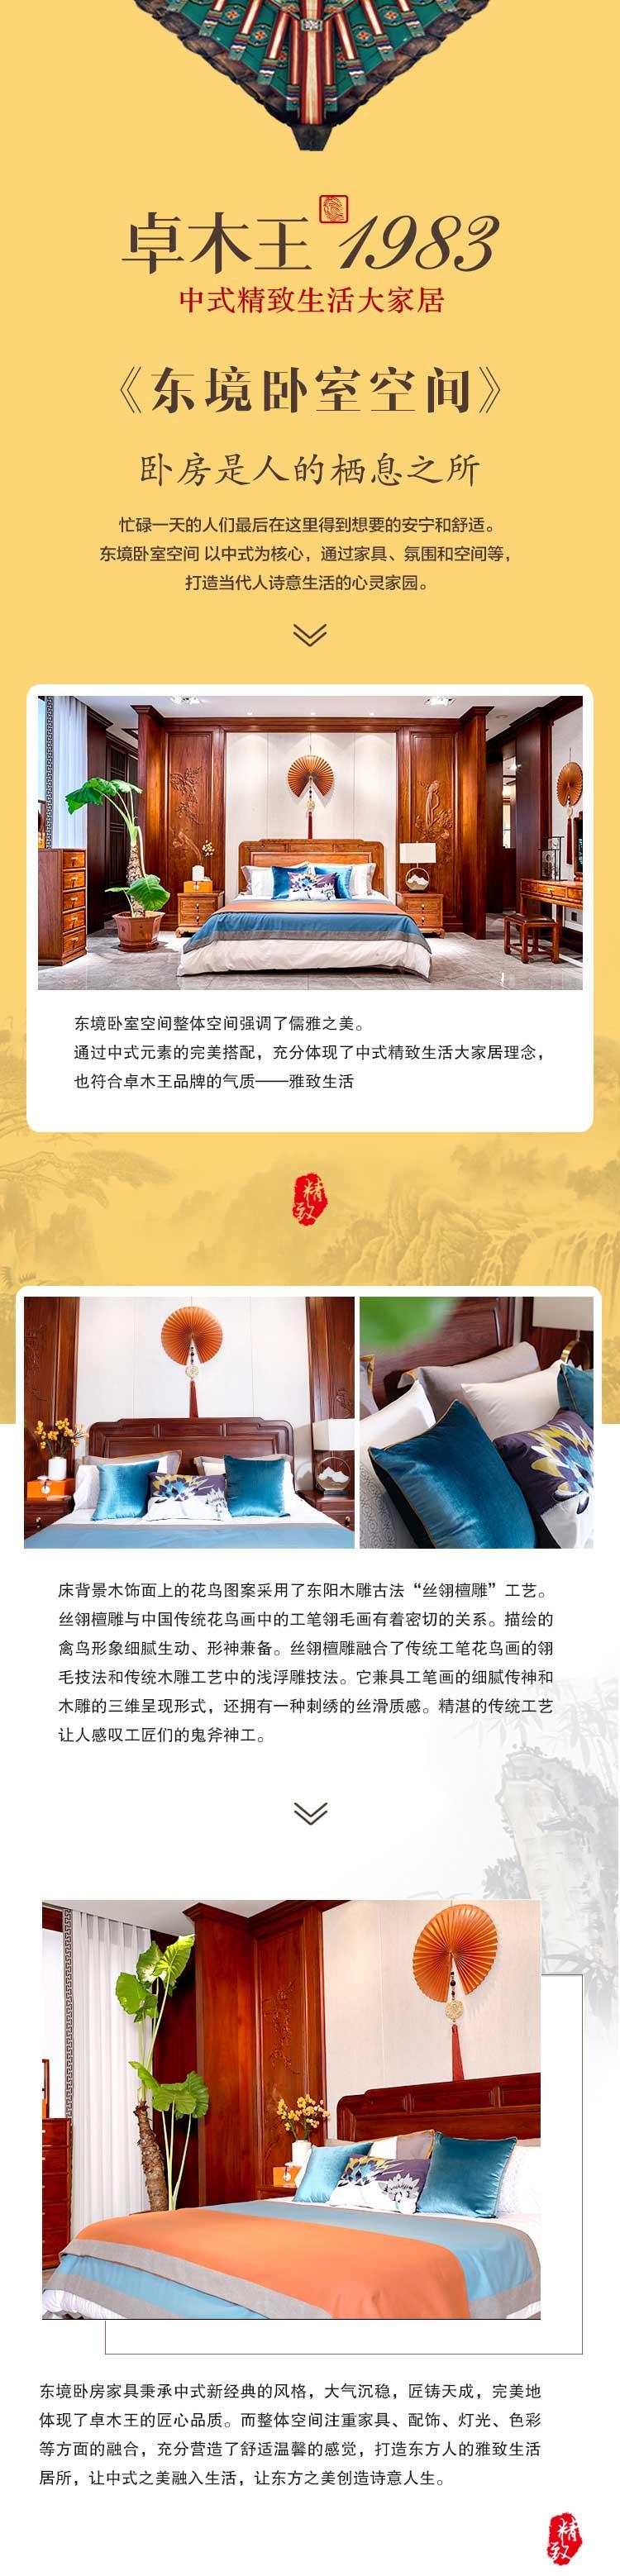 卓木王腾讯产品介绍东境大床-1.jpg